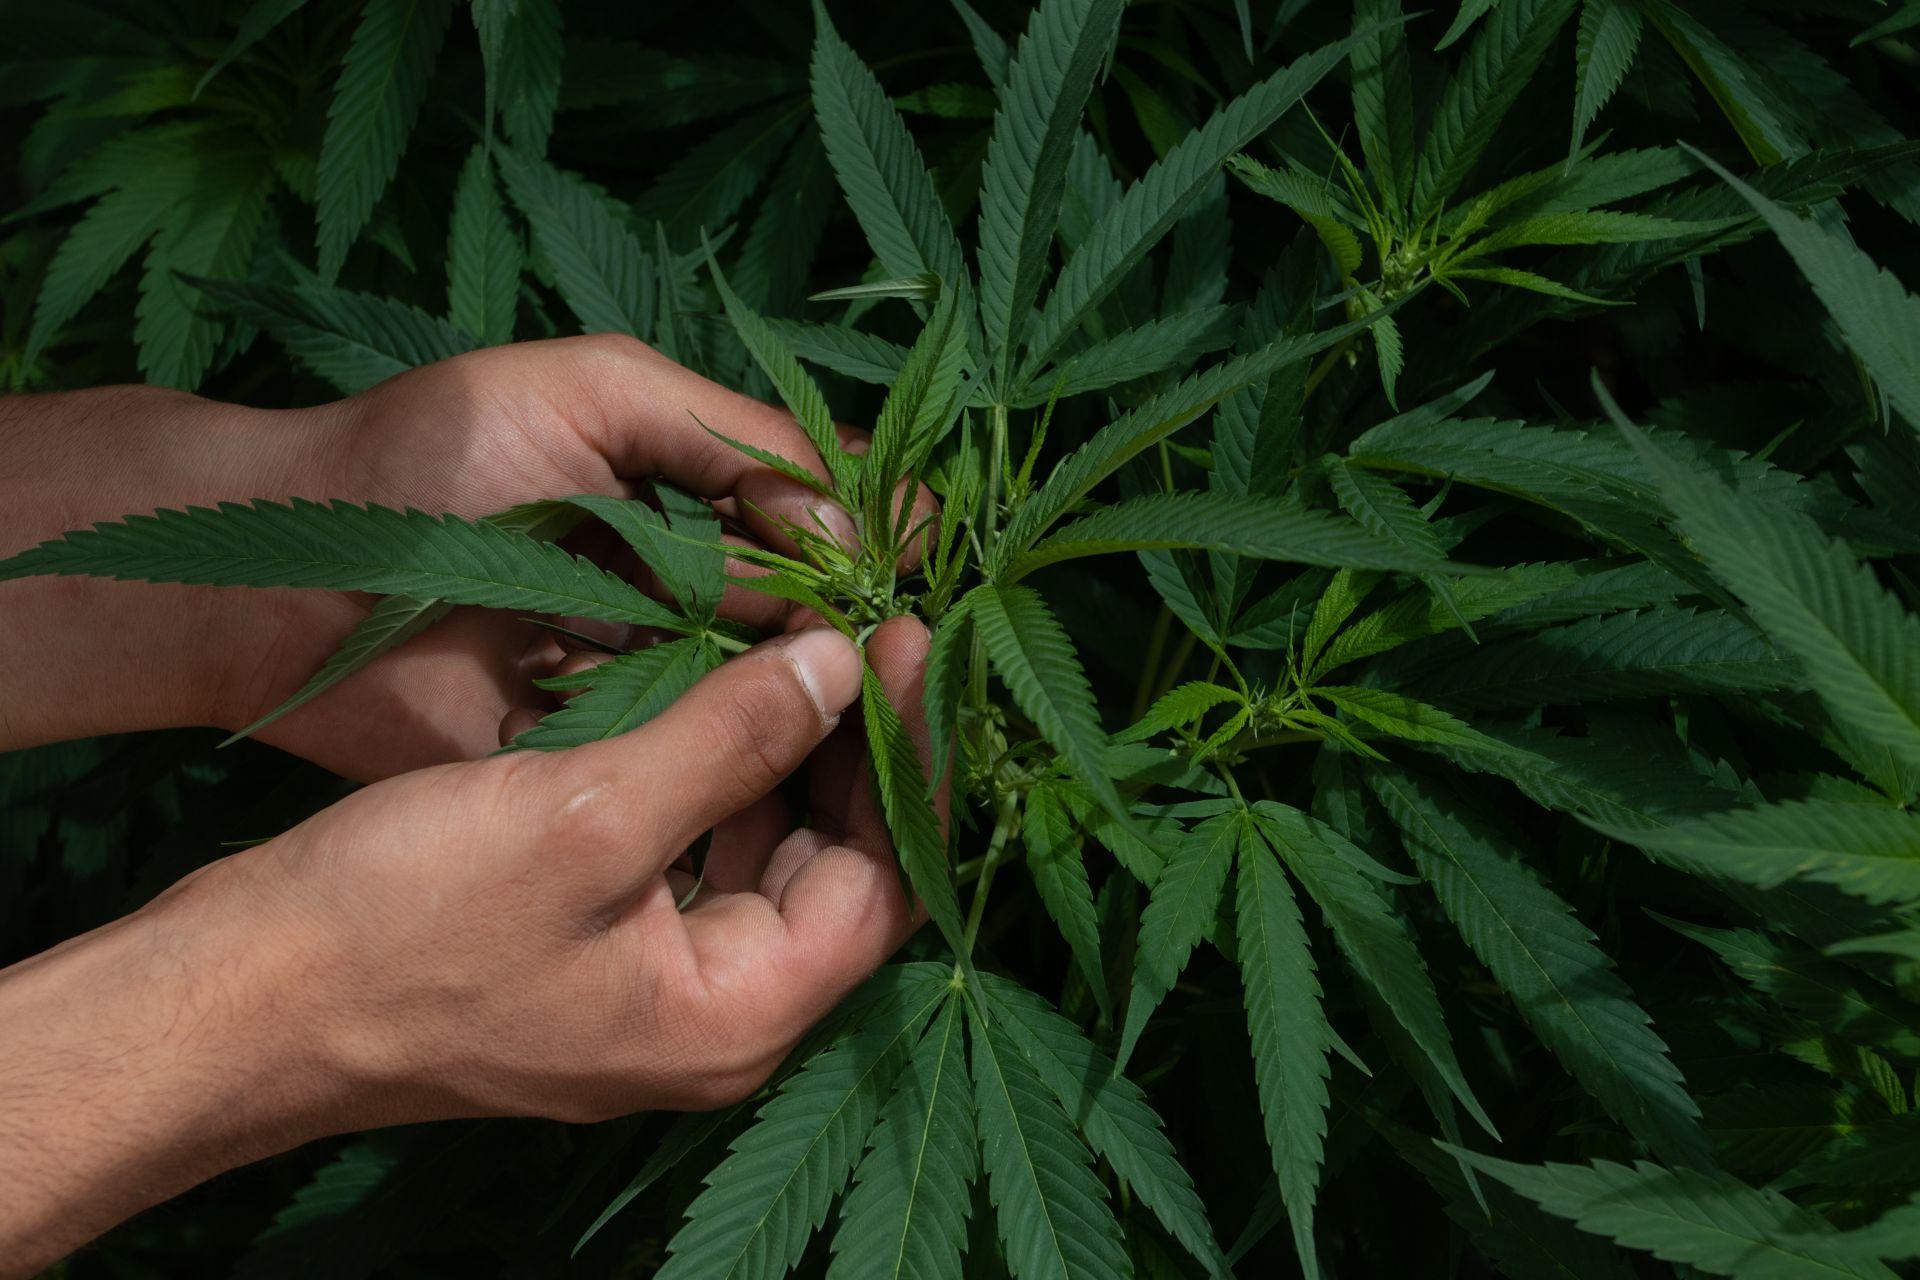 La legalización de la marihuana para fines lúdicos está pendiente